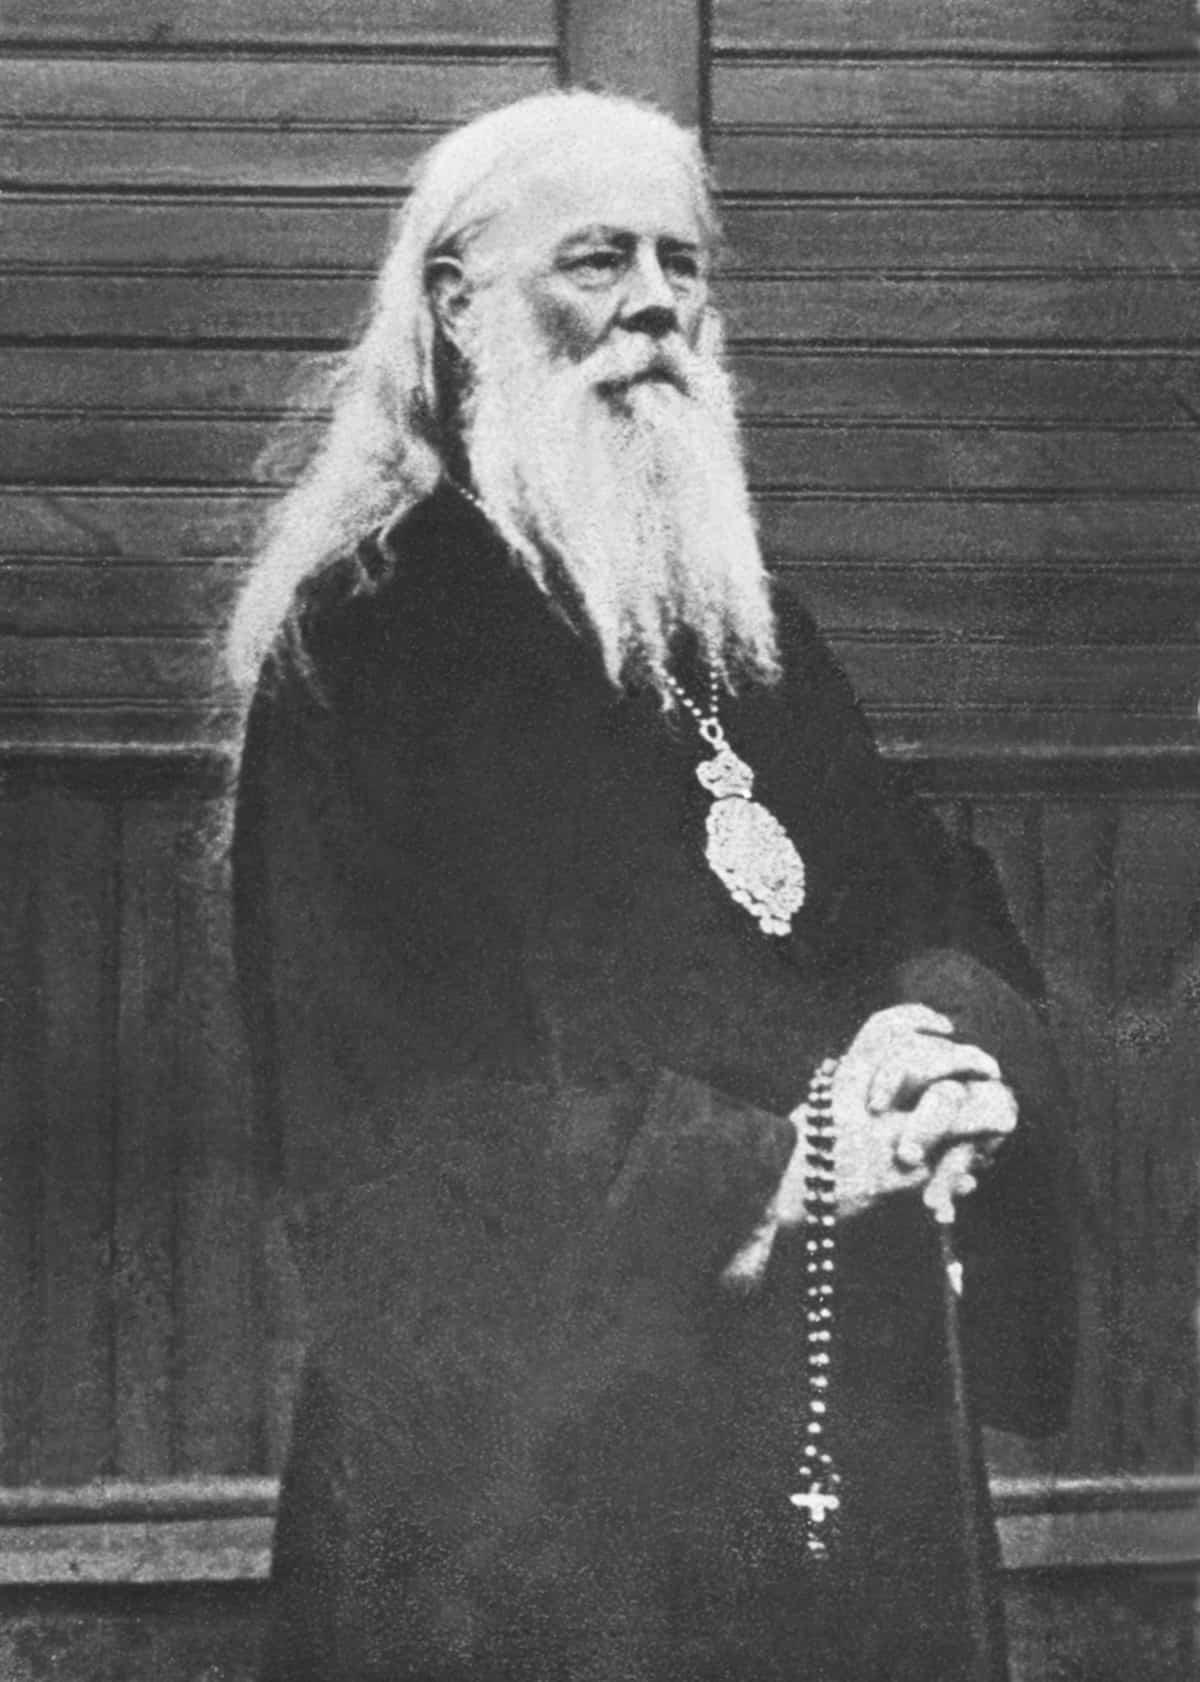 «Следователь стал жестоко избивать архиепископа, требуя признания вины»— исповедование веры священномученика Александра (Петровского)